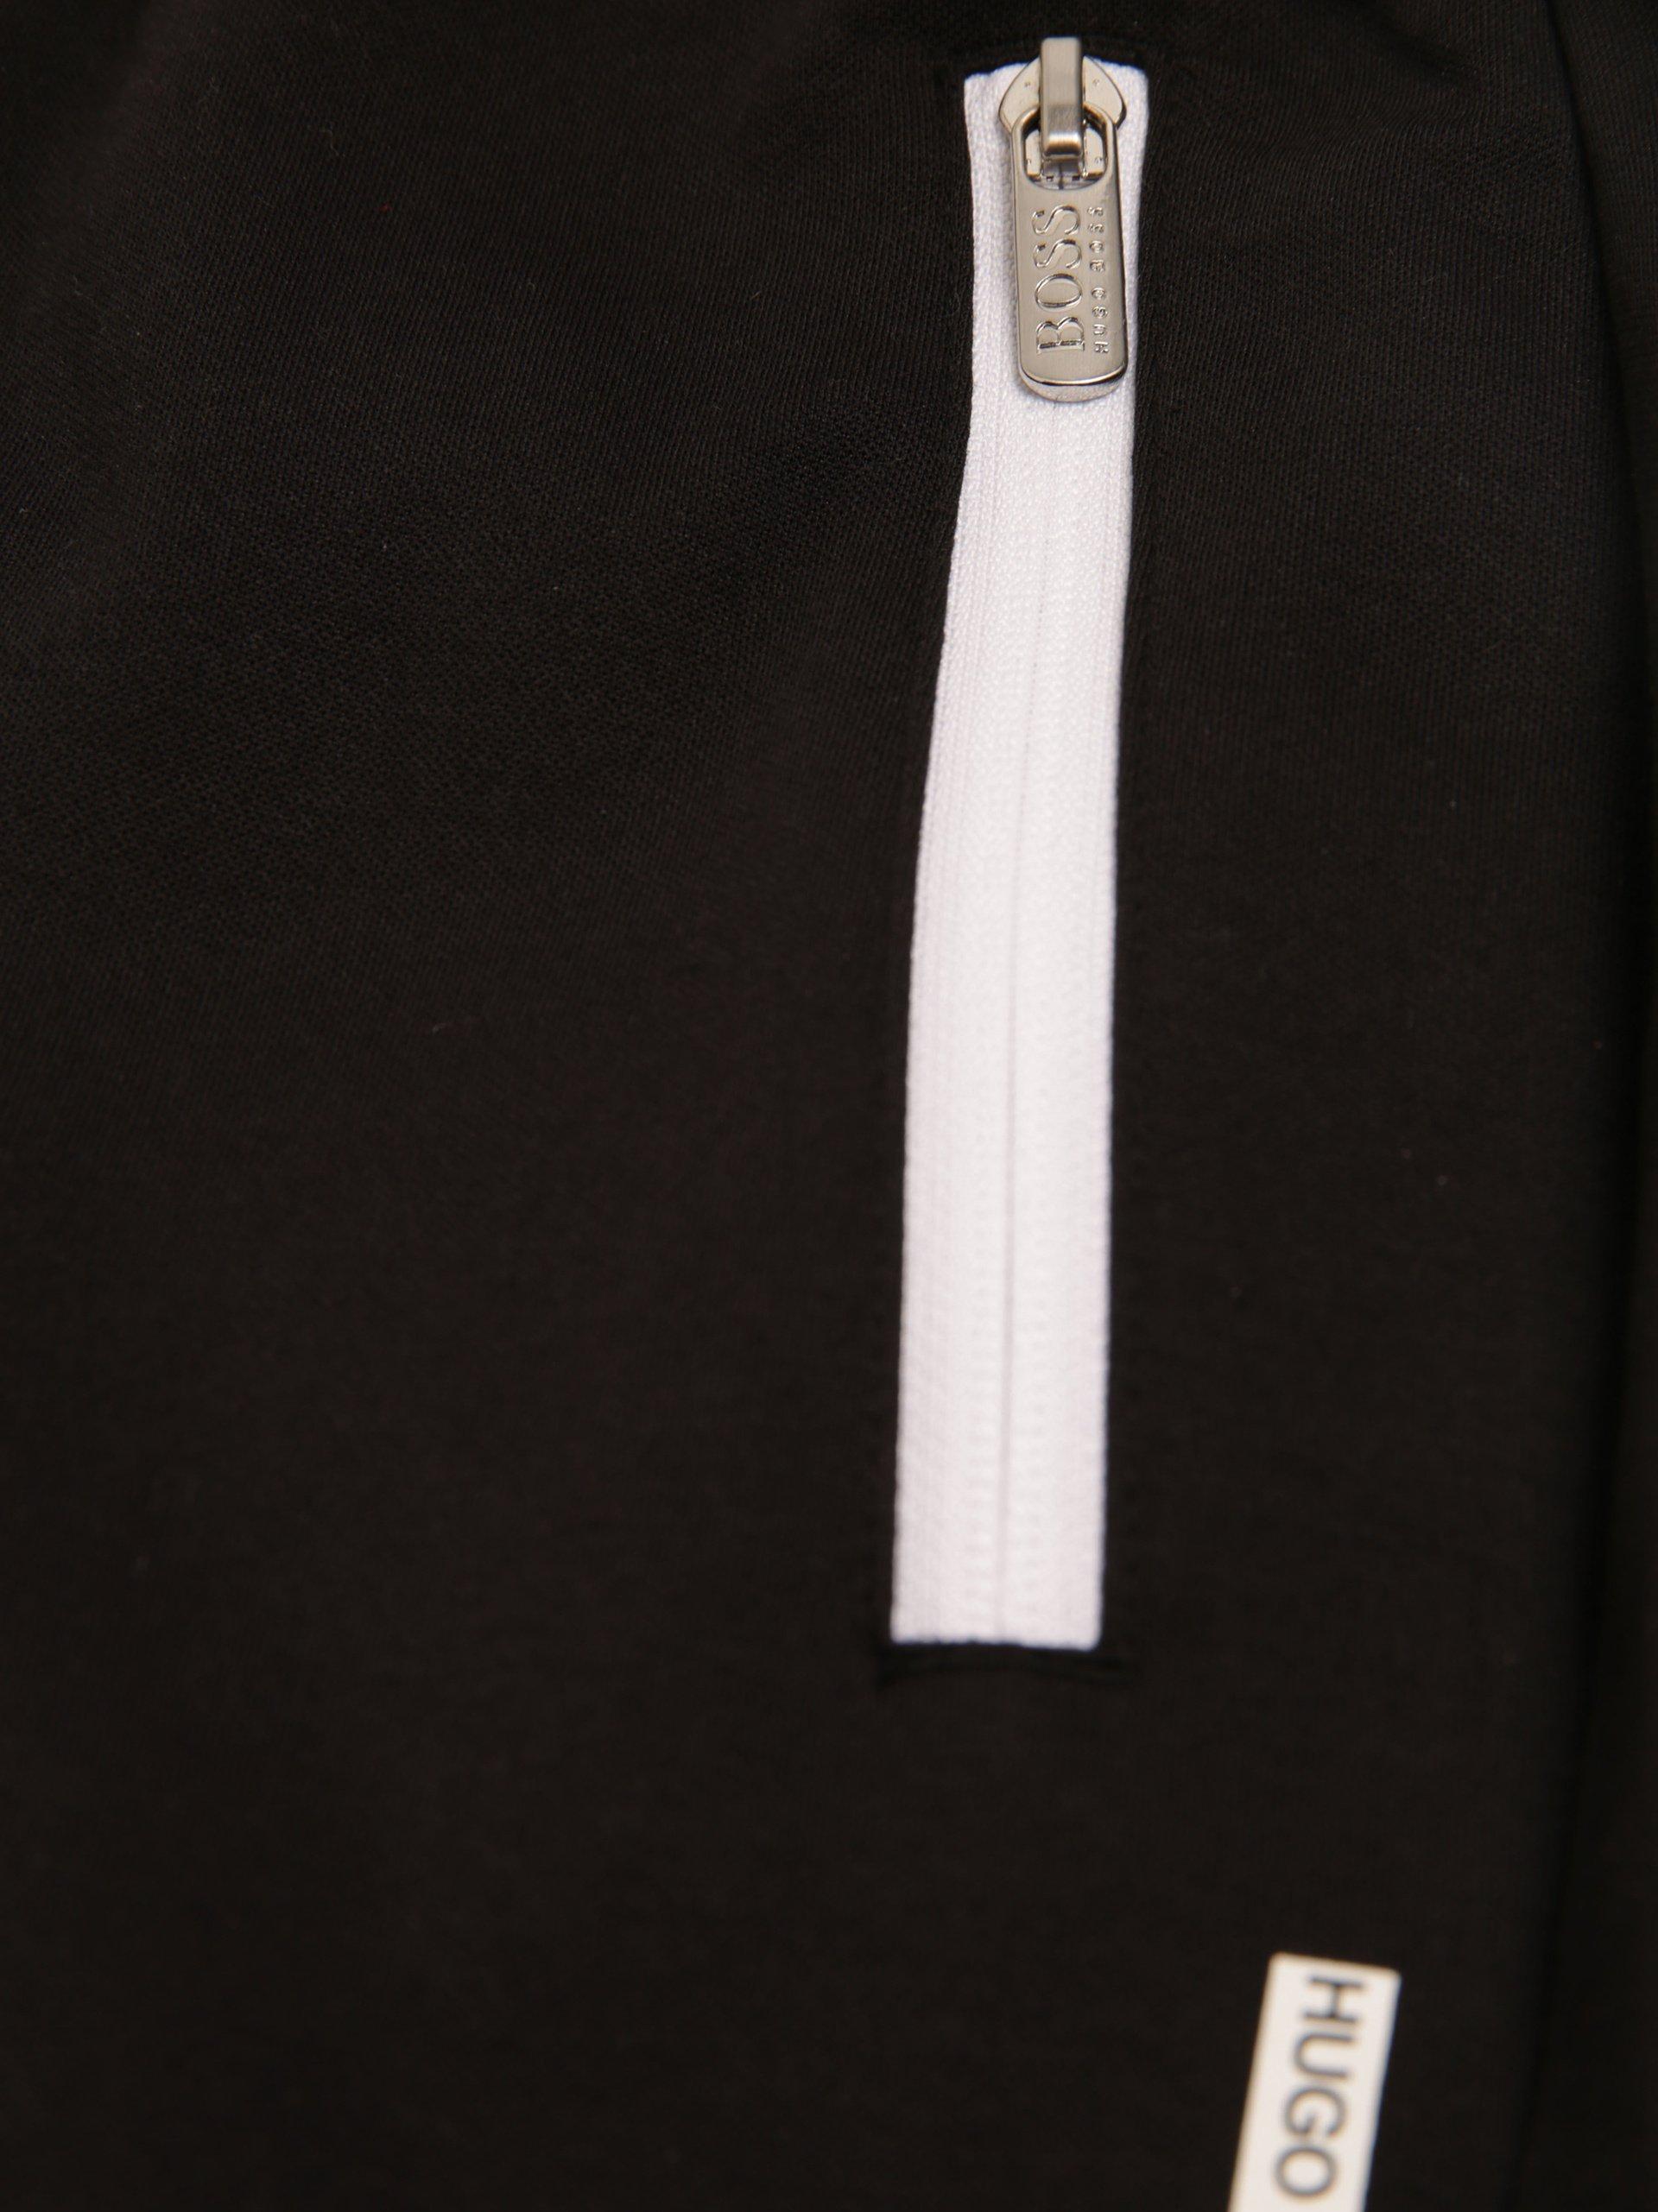 BOSS Spodnie dresowe męskie – Tracksuit Pants